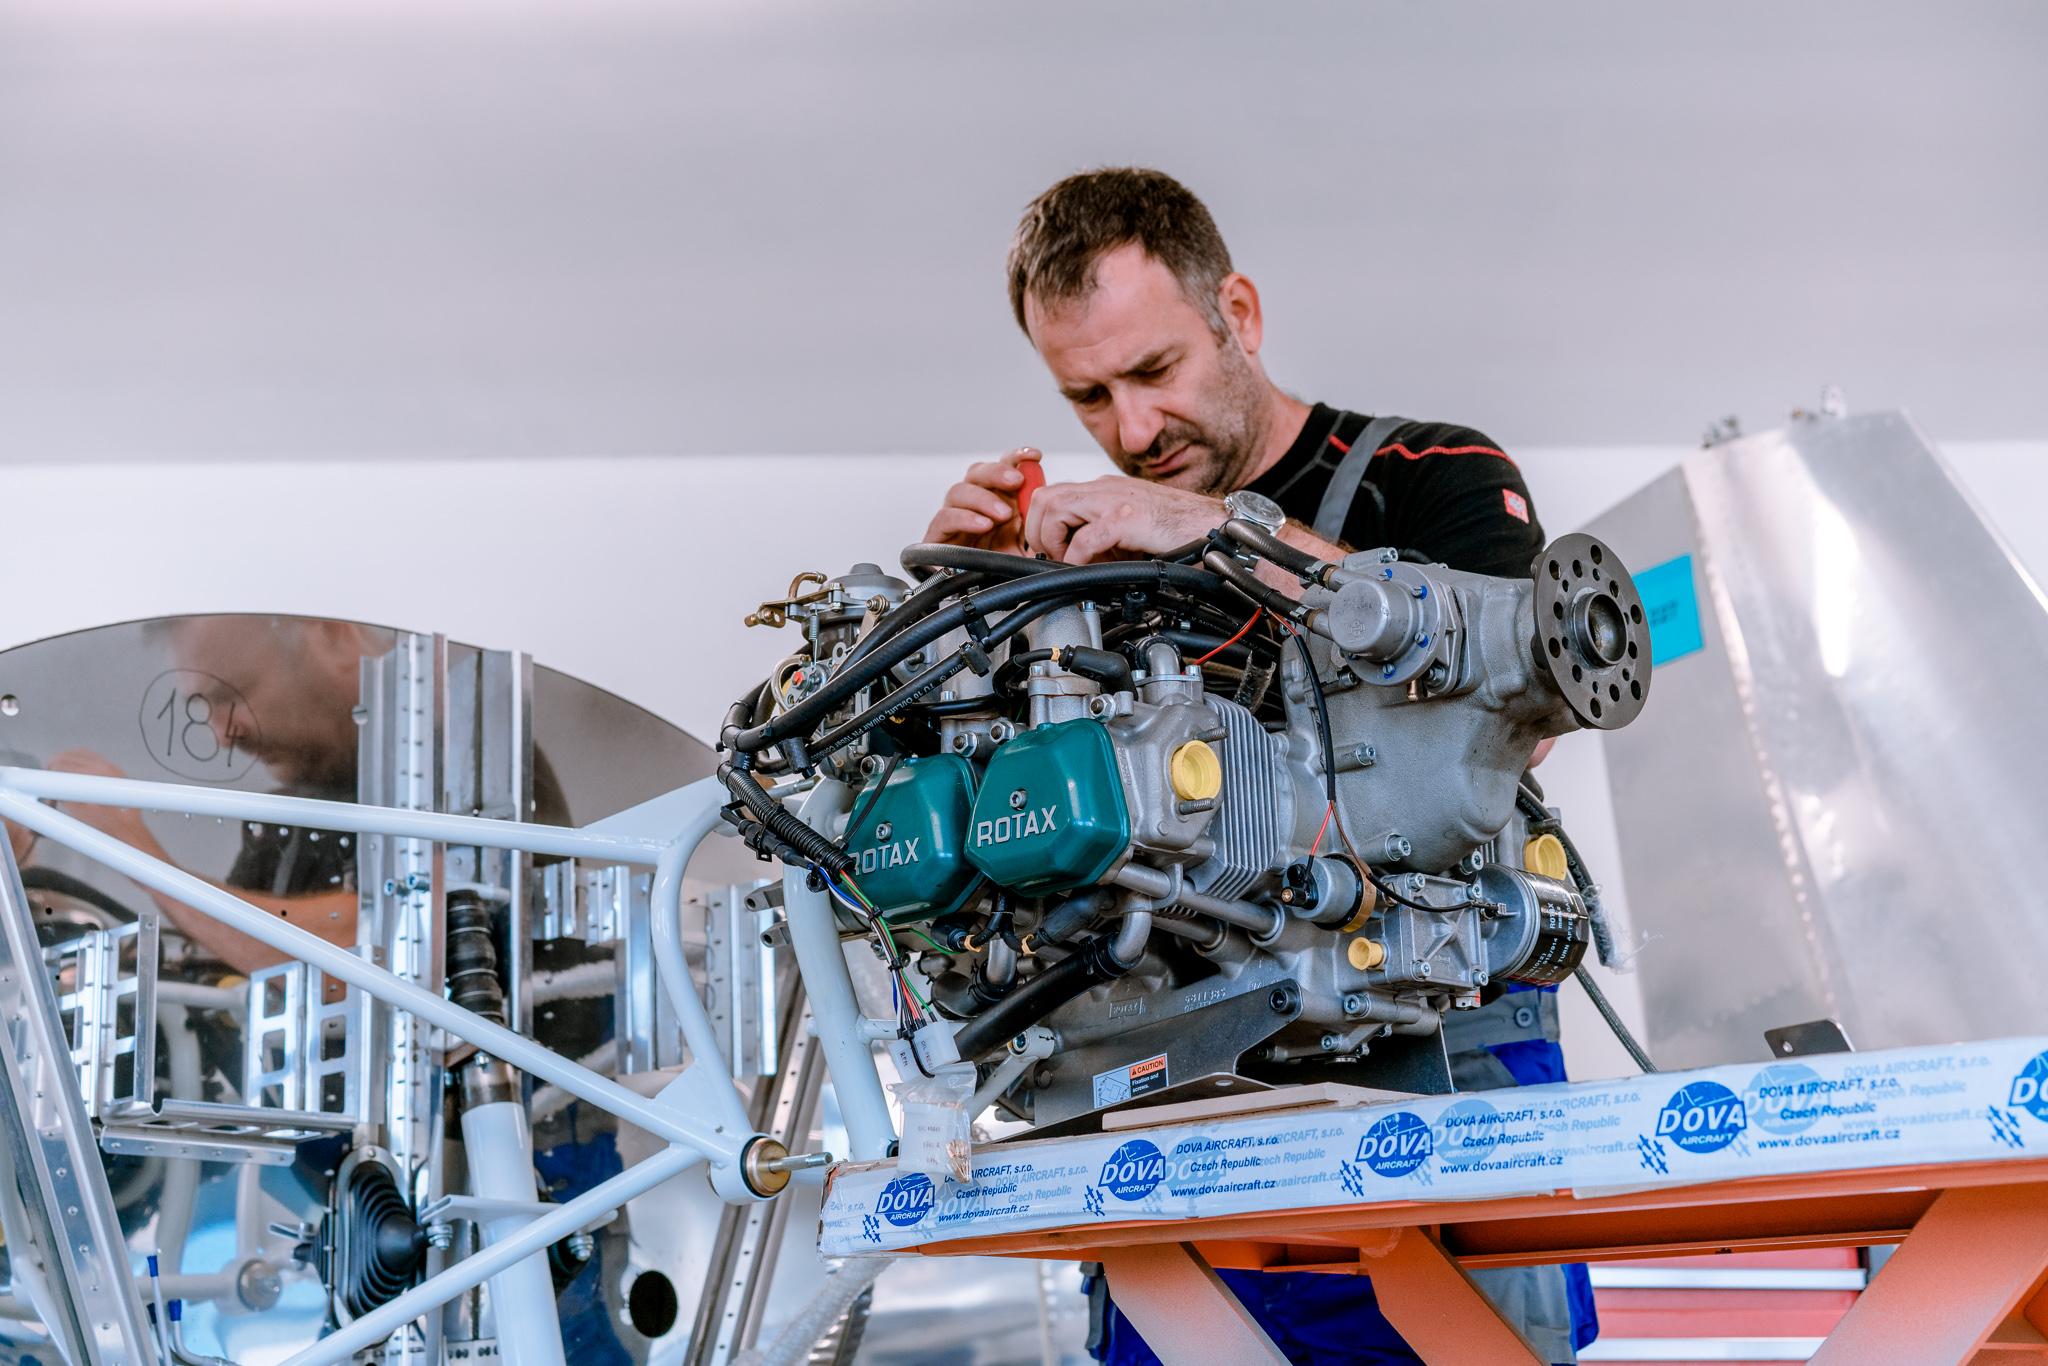 Příprava motoru Rotax pro ultralehké letadlo DV-1 Skylark